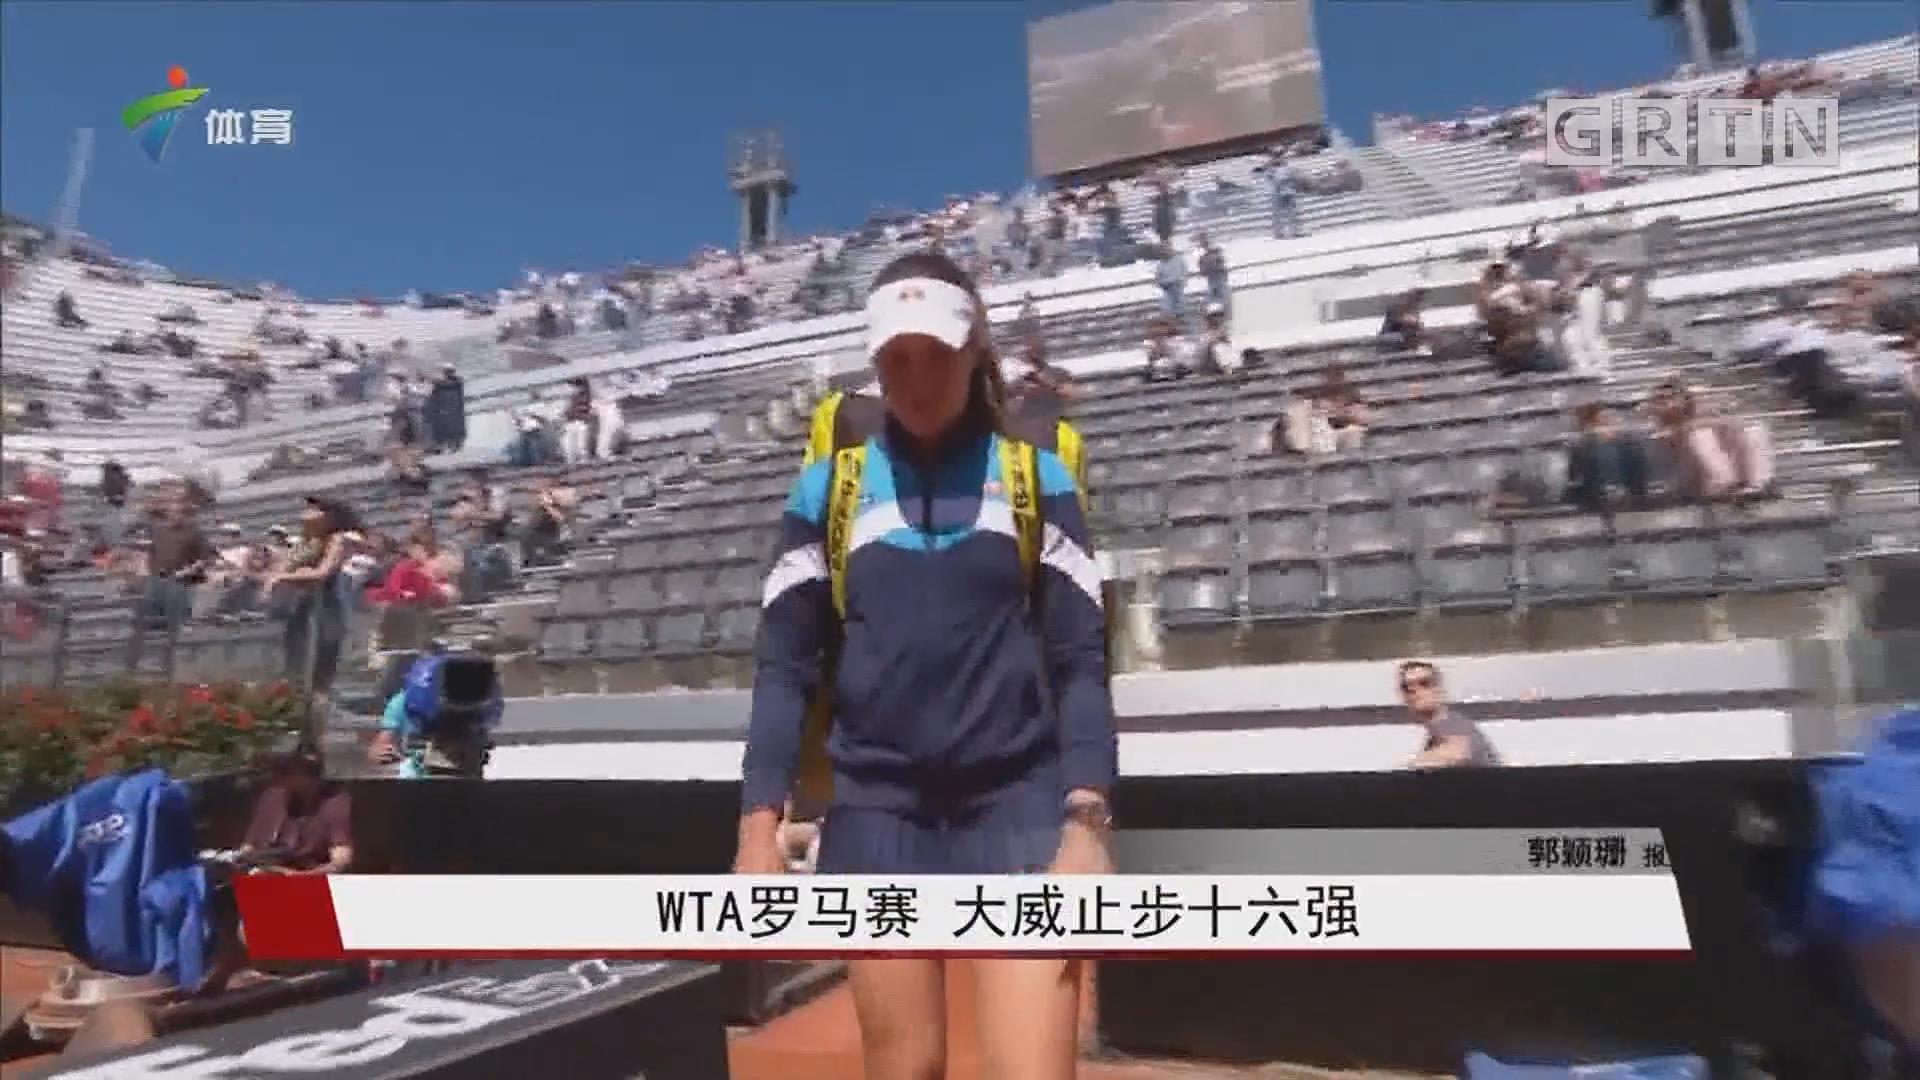 WTA罗马赛 大威止步十六强